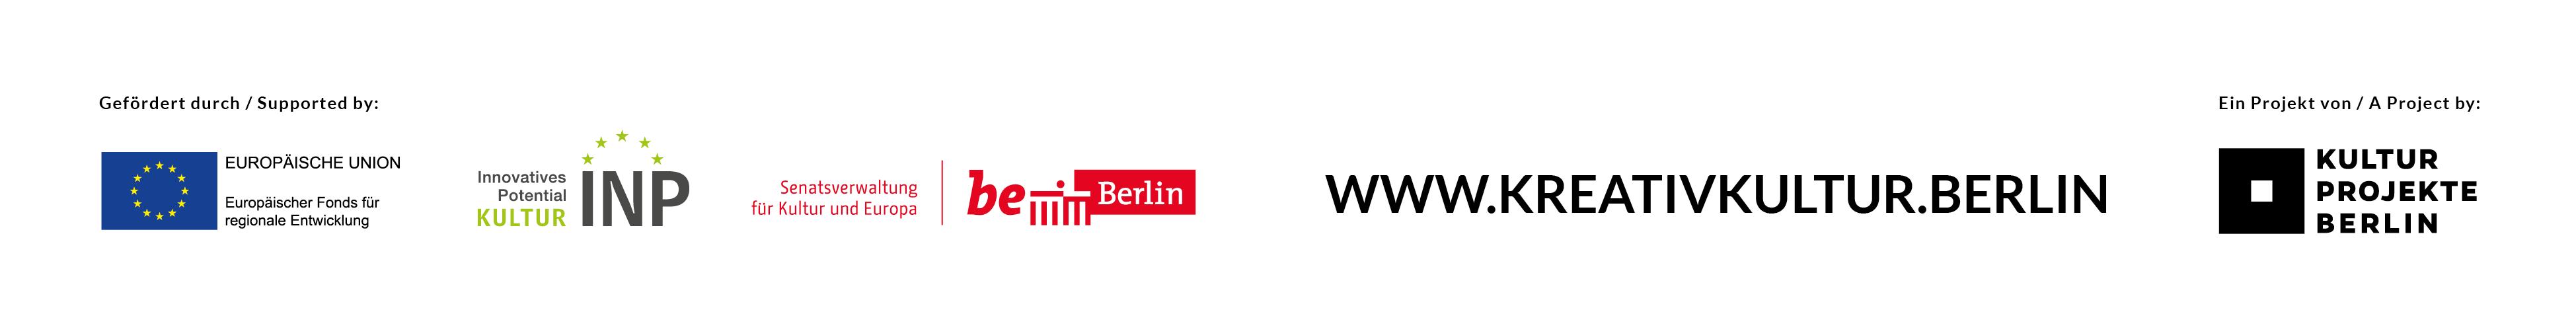 Förderlogos Kreativ Kultur Berlin